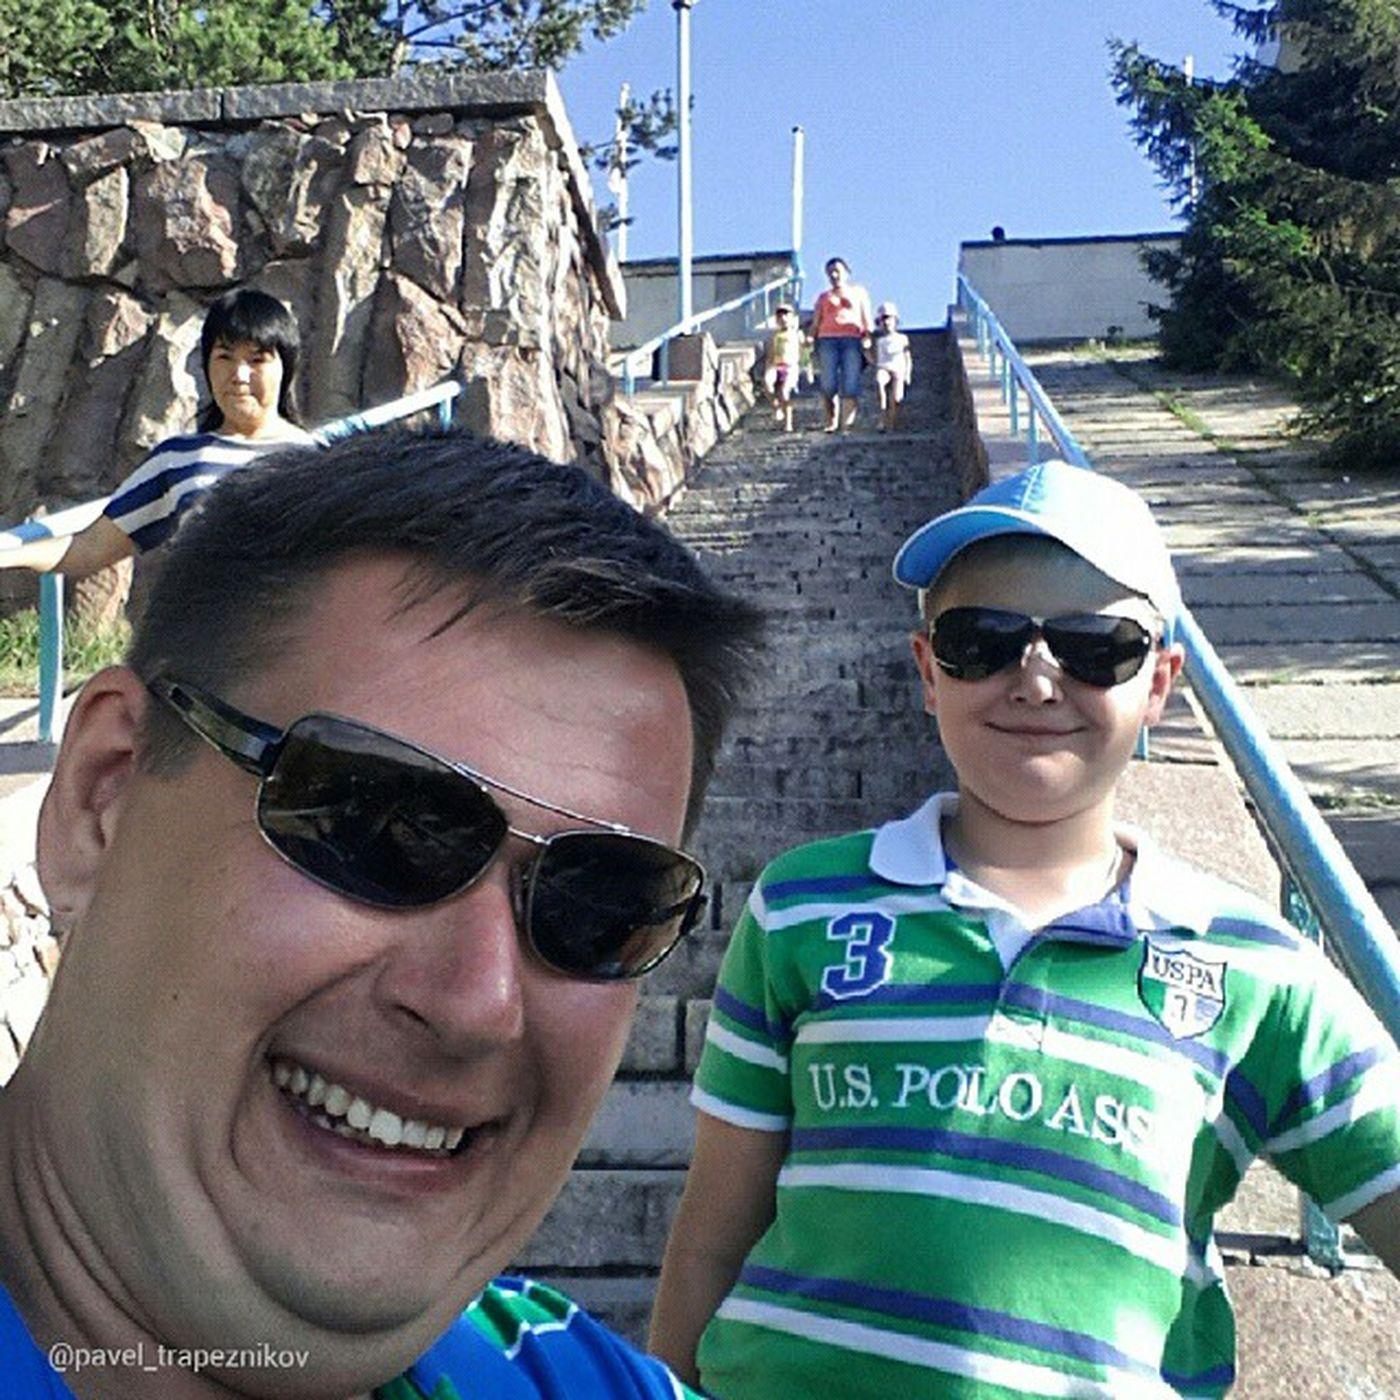 20140802 , Казахстан , алматы . медеу (Медео). Мы должны были подняться пешком на плотину Медеу! Это - традиция! 842 ступеньки - наши!/ Kazakhstan, Almaty. Medeu (Medeo). We had to make on foot ascent to the top of the dam Medeu! It's a tradition! 842 steps - ours!